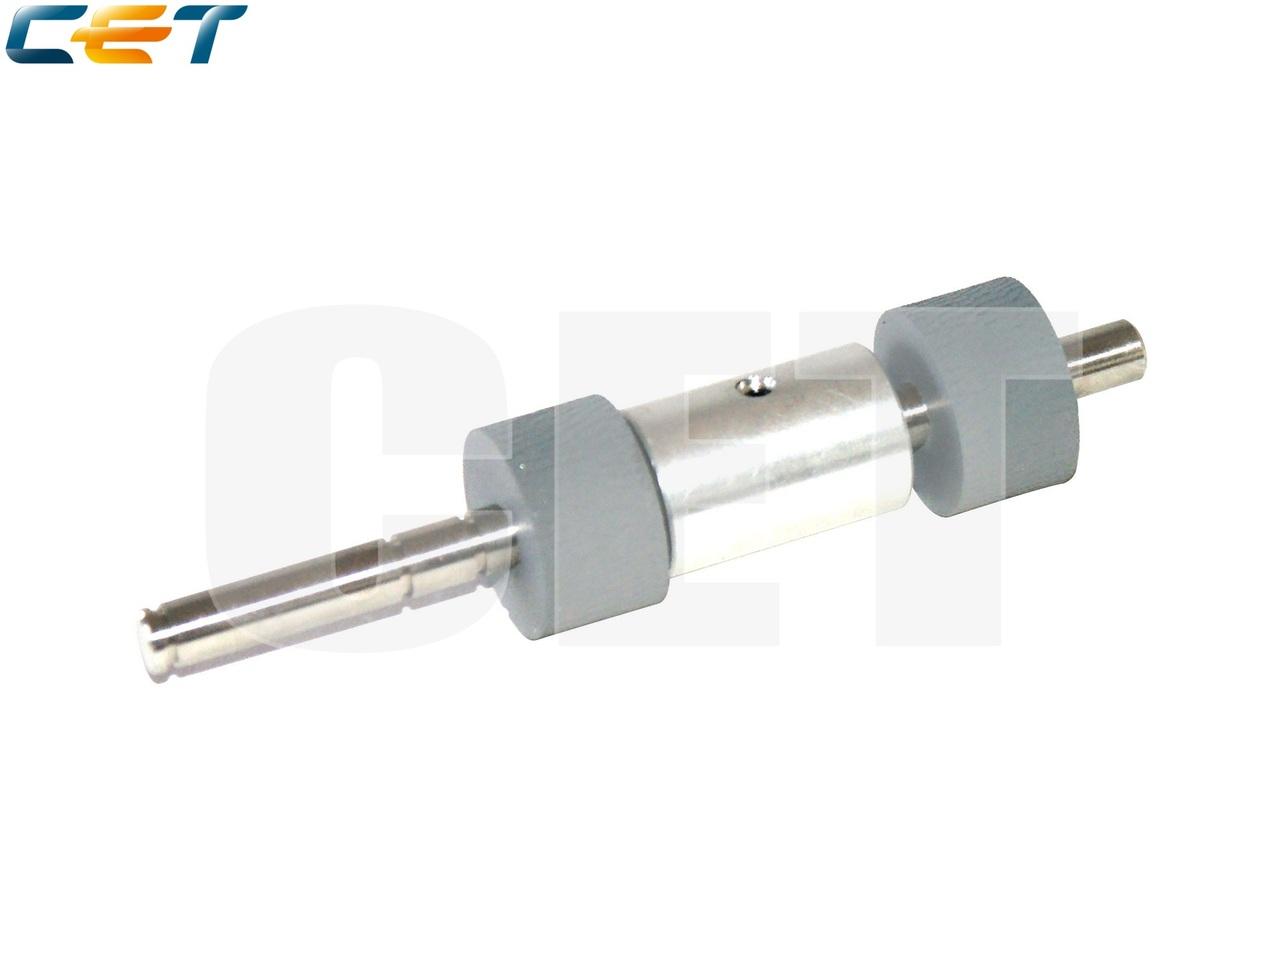 Ролик подхвата 41306719000, 6LE77312000 для TOSHIBAE-Studio 168/208/258, DP1600/2000/2500 (CET), CET7776